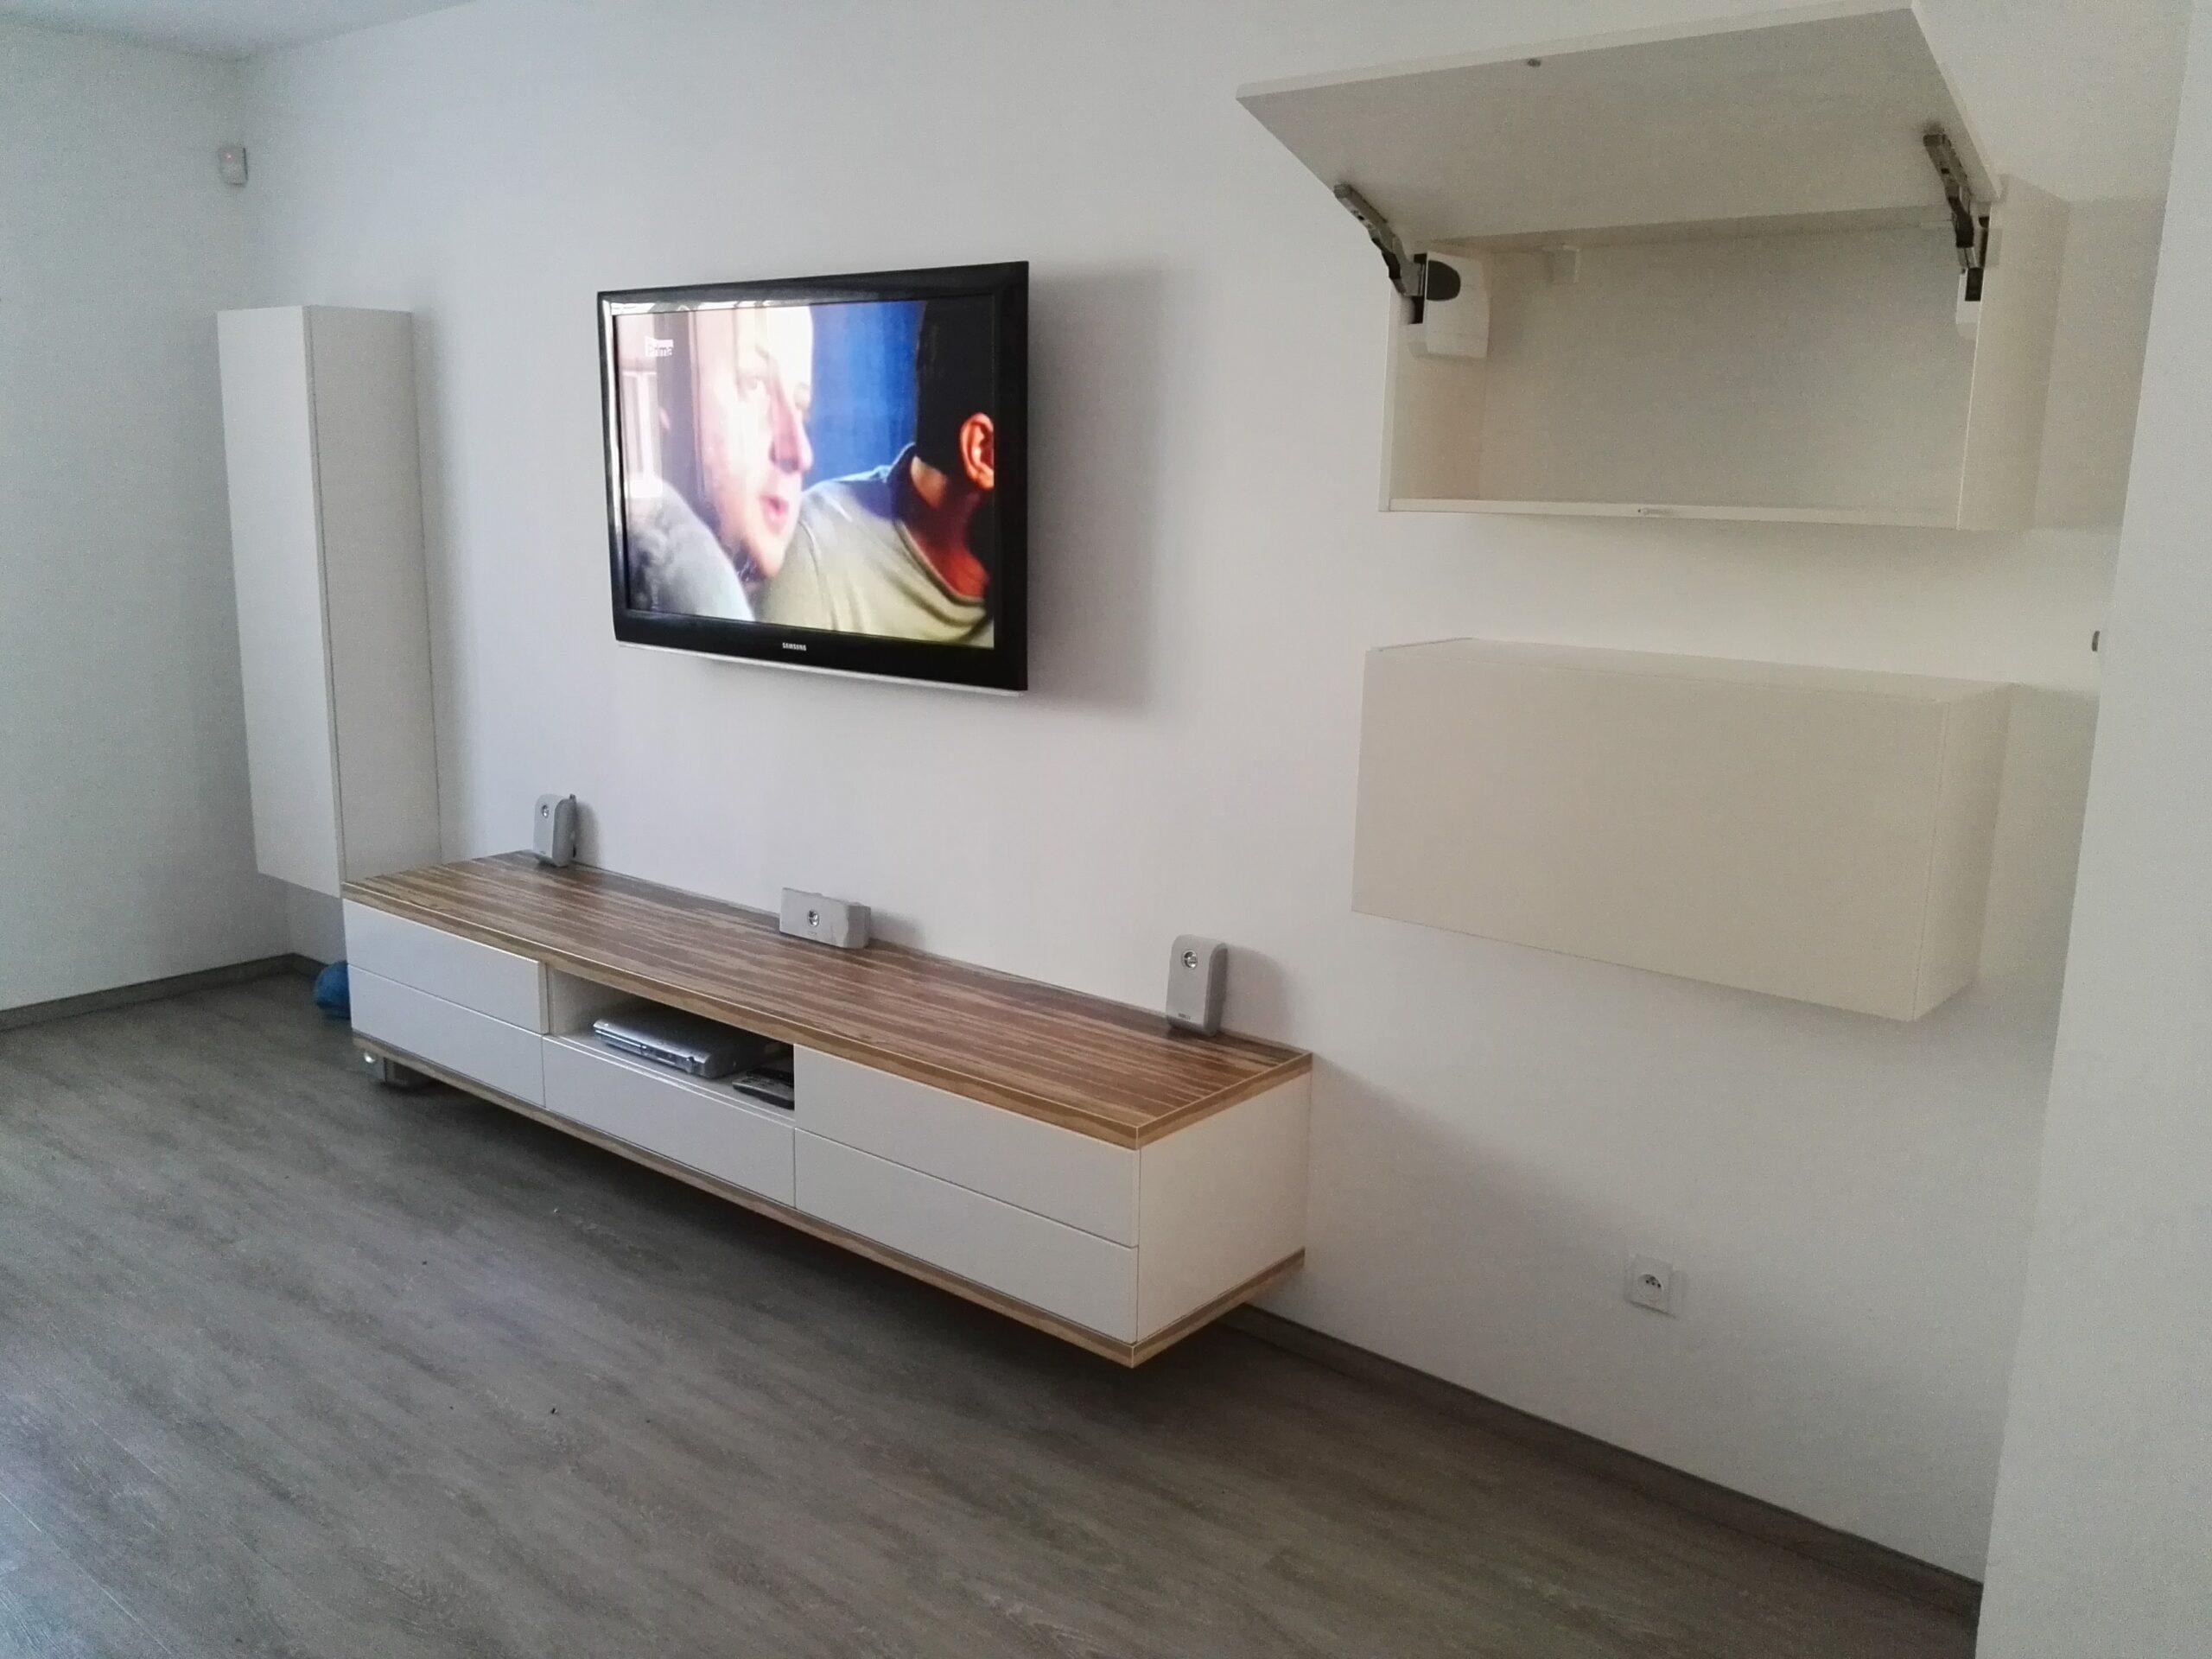 rekonstrukce bytů Brno na klíč levně